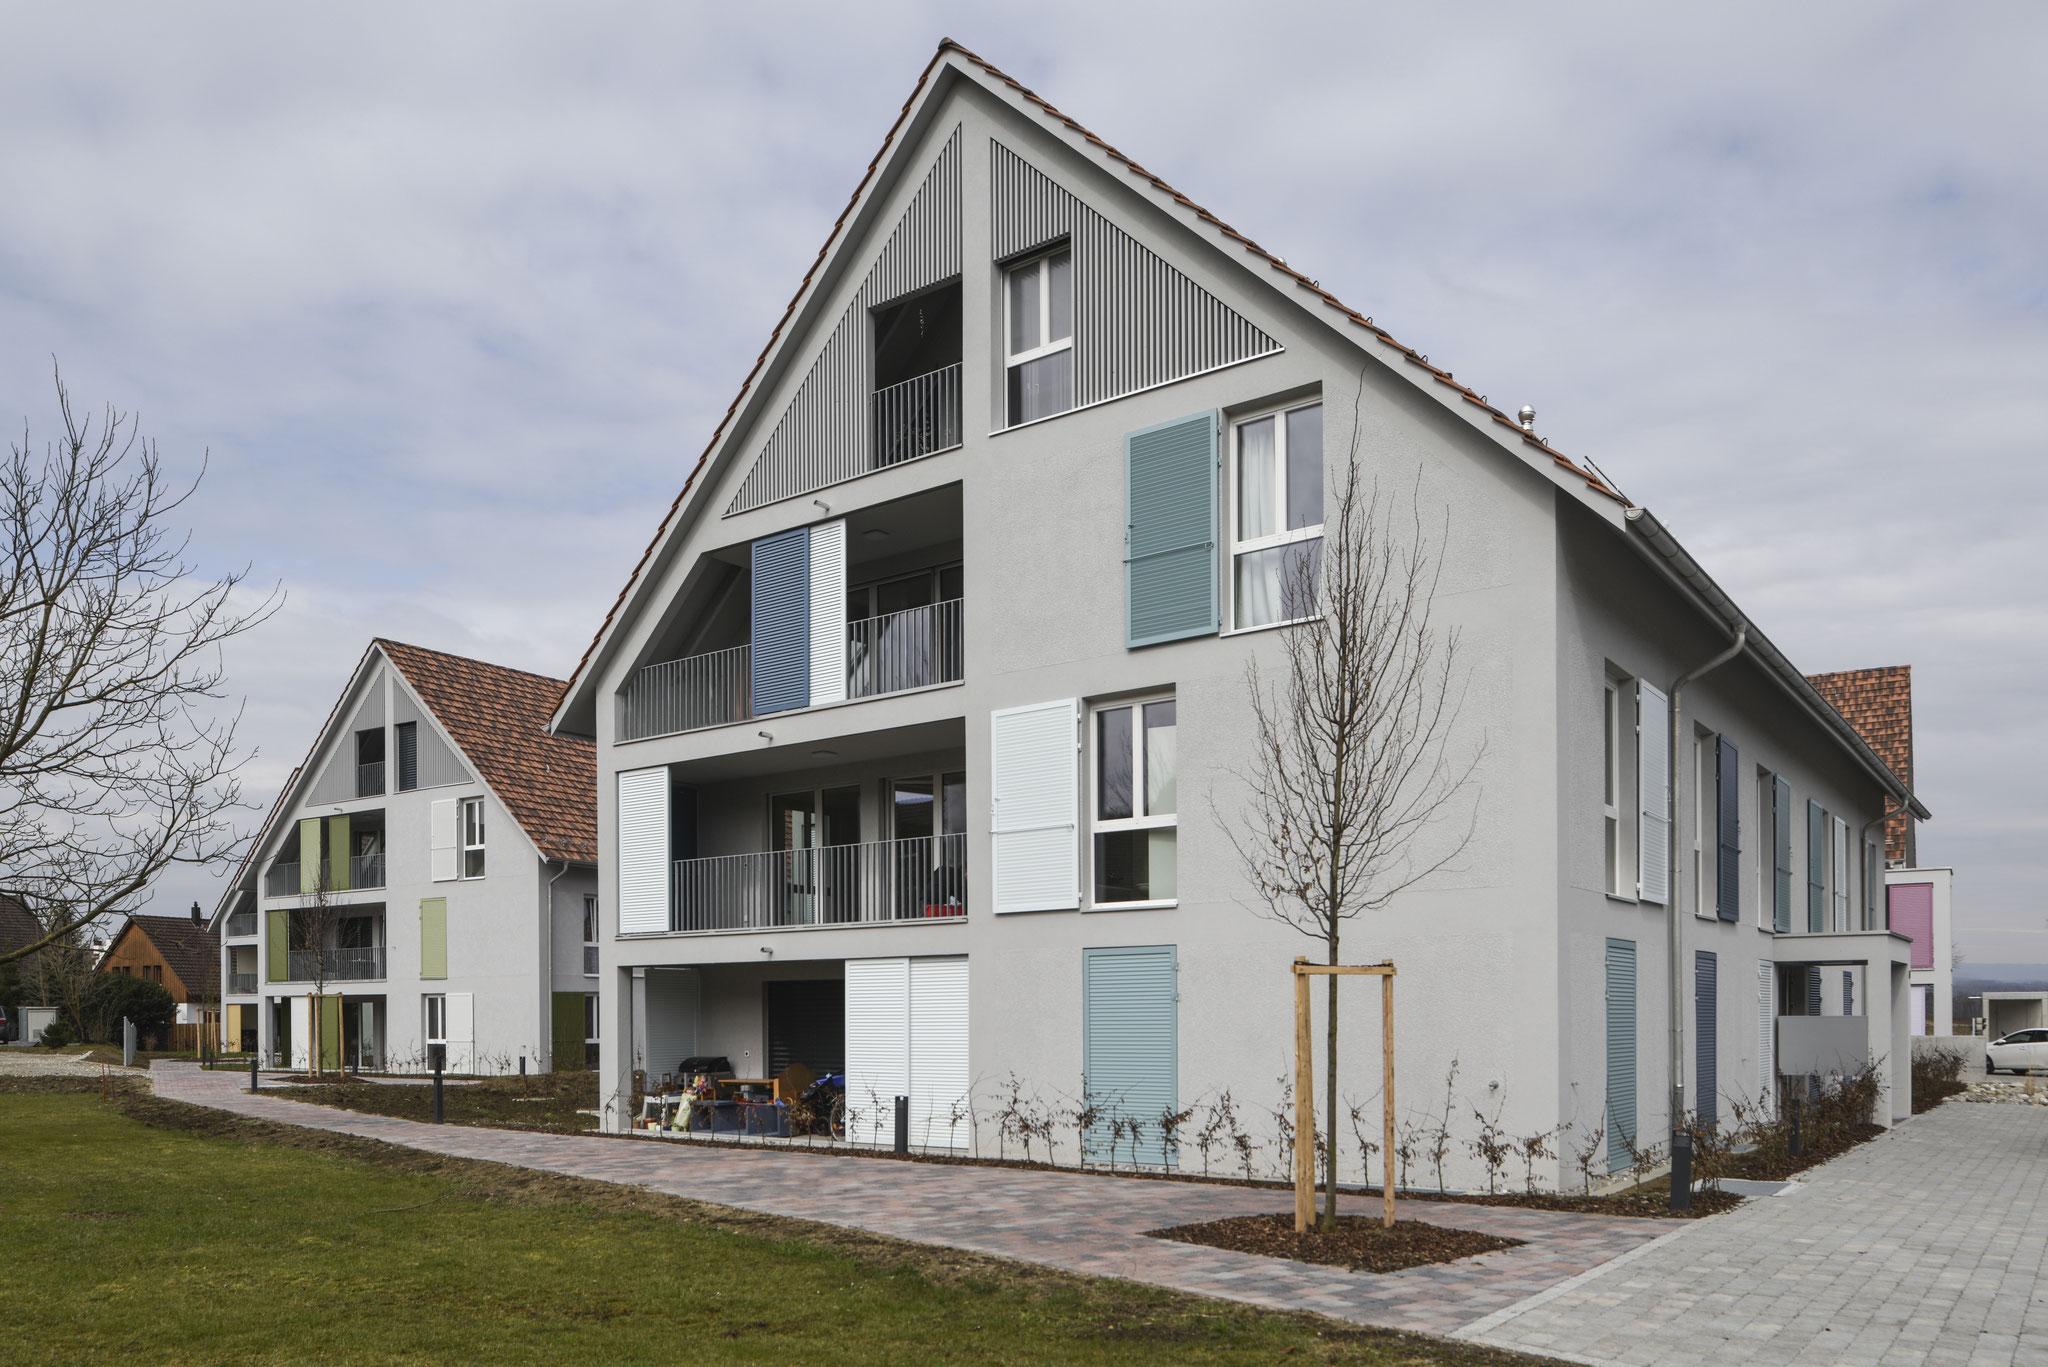 Flaach, Breiten